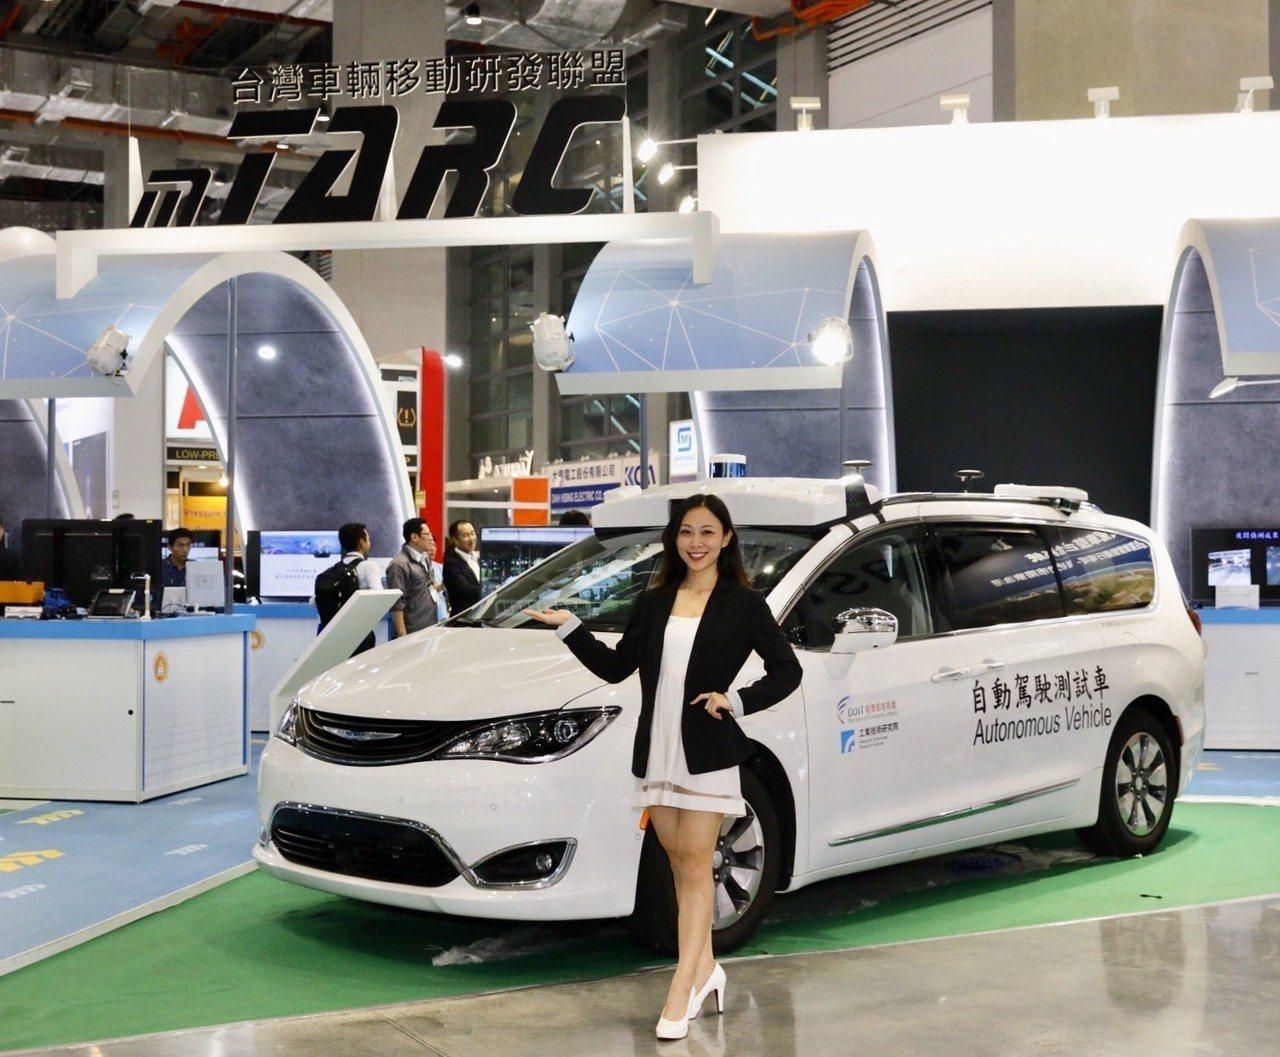 工研院的全天候多車型自駕車整合系統,結合「同步定位與地圖建構」(SLAM)技術、...